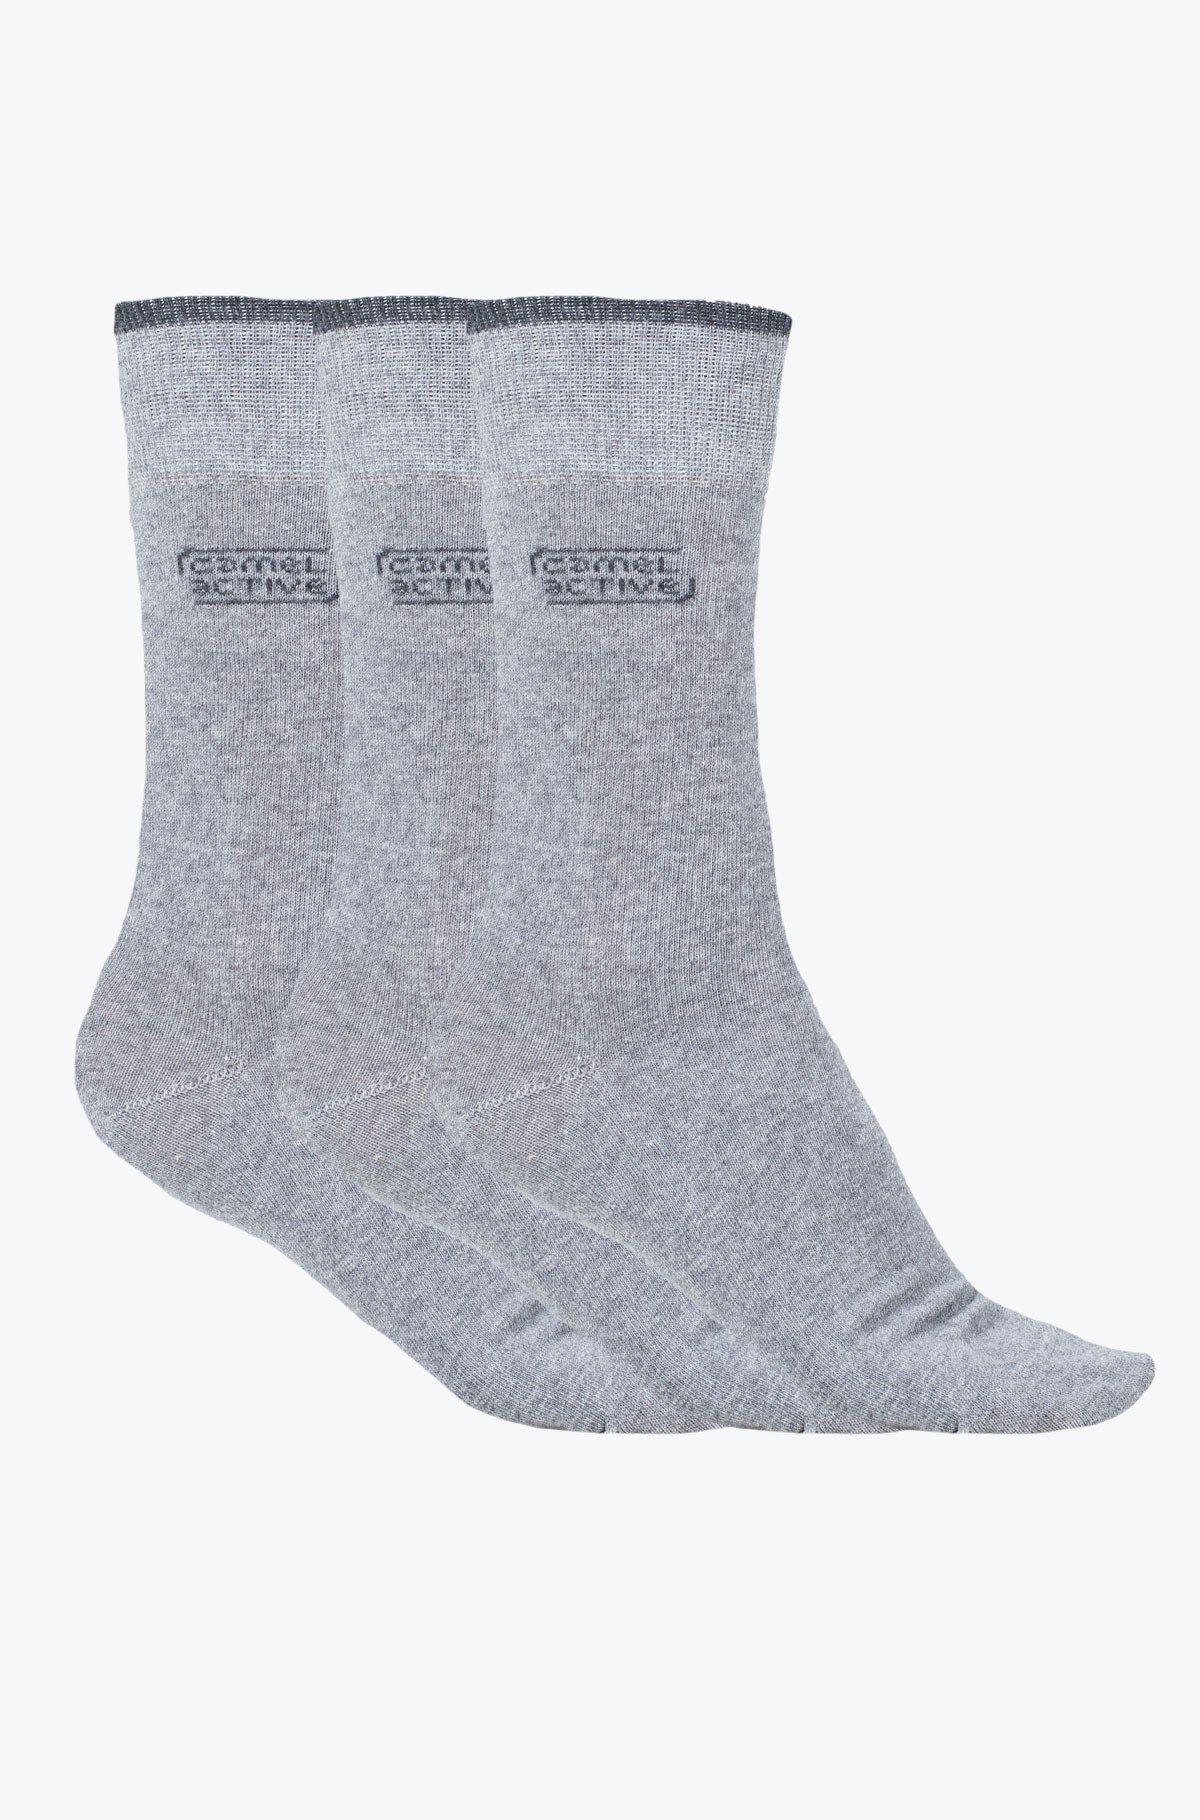 Socks 6593-full-1